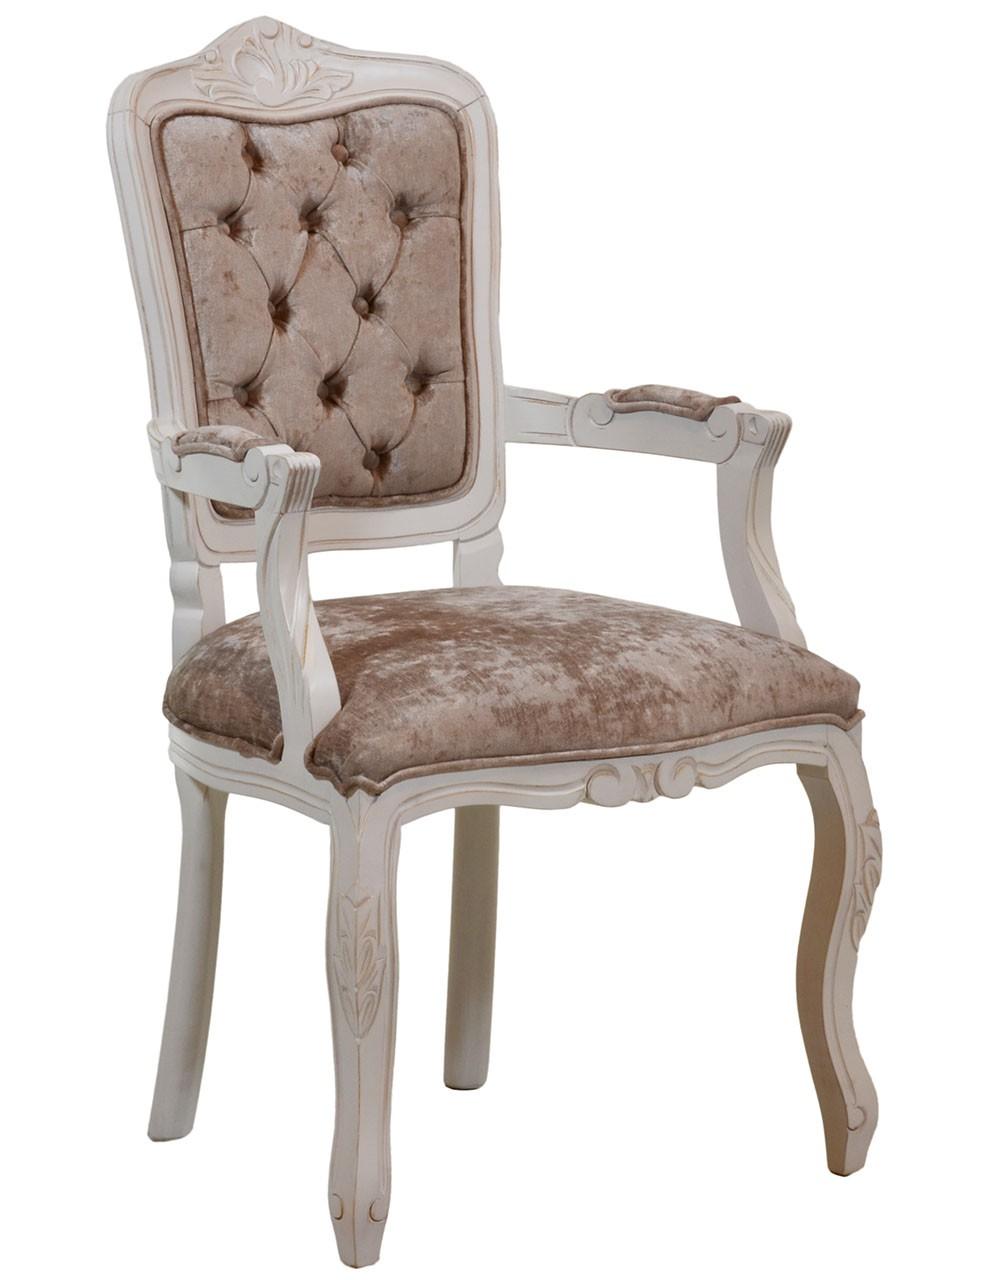 Cadeira Luis XV II Entalhada com Braço - Provençal Branca com Dourado Brilhante